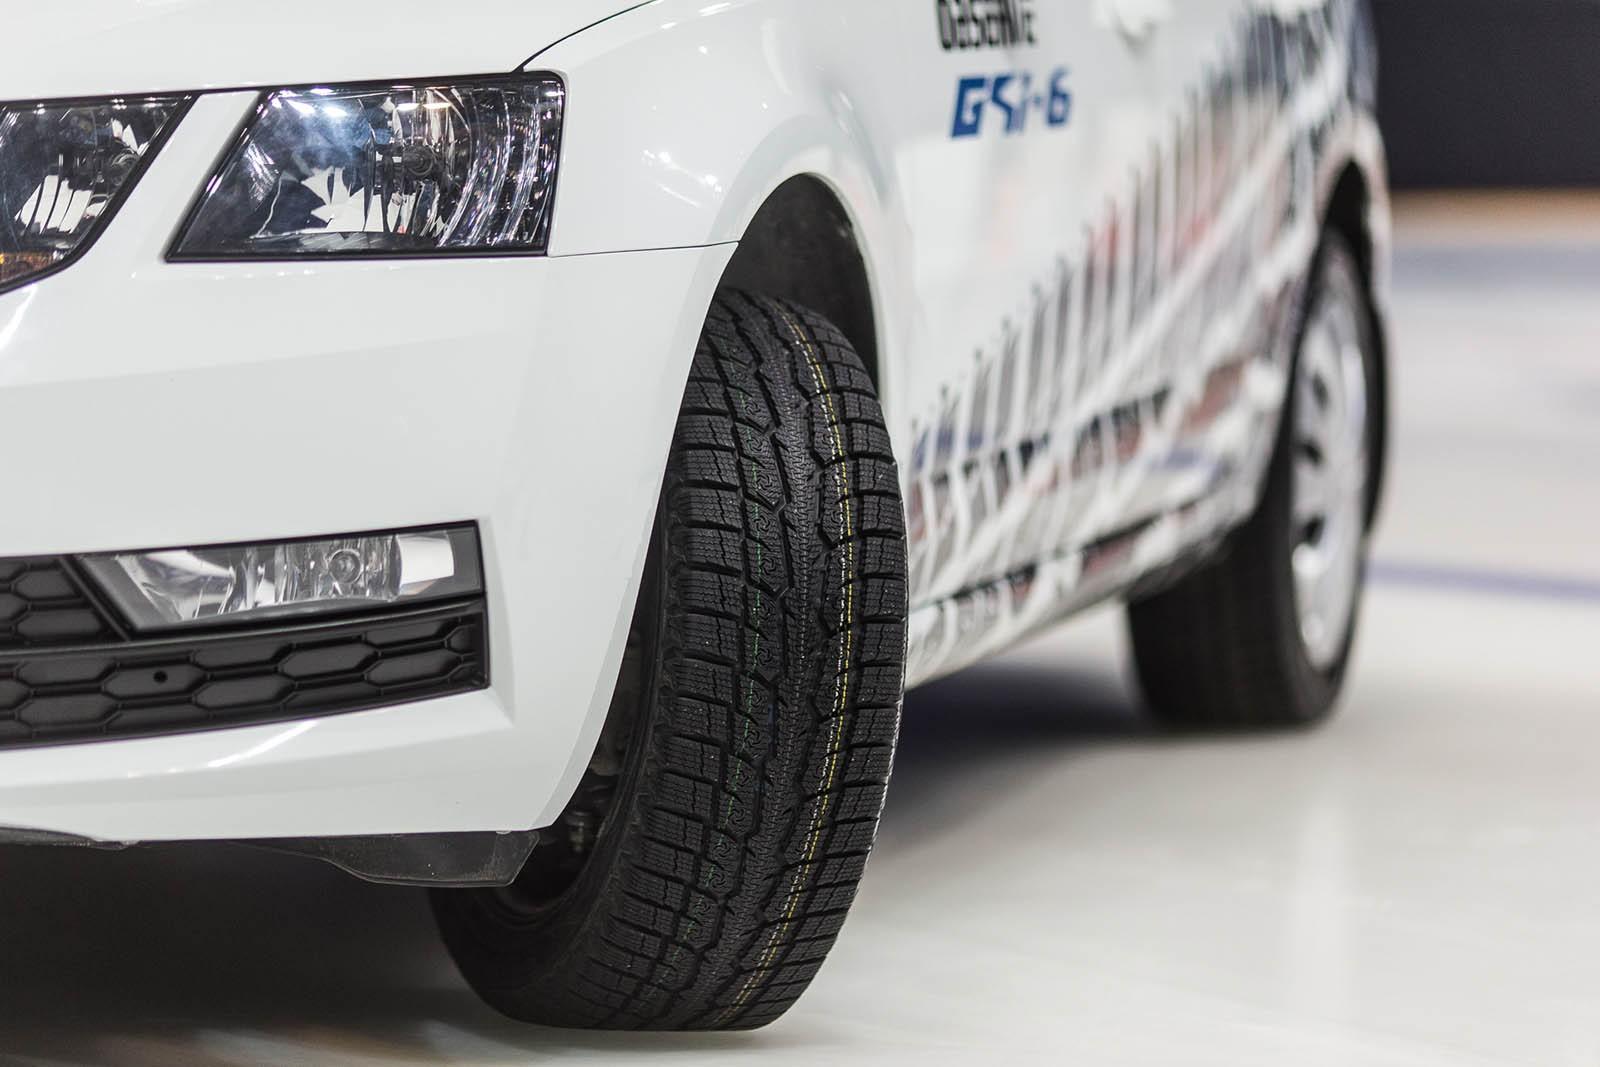 Шина Toyo Observe GSi-6 демонстрирует высокий уровень управляемости, безопасности и надежности